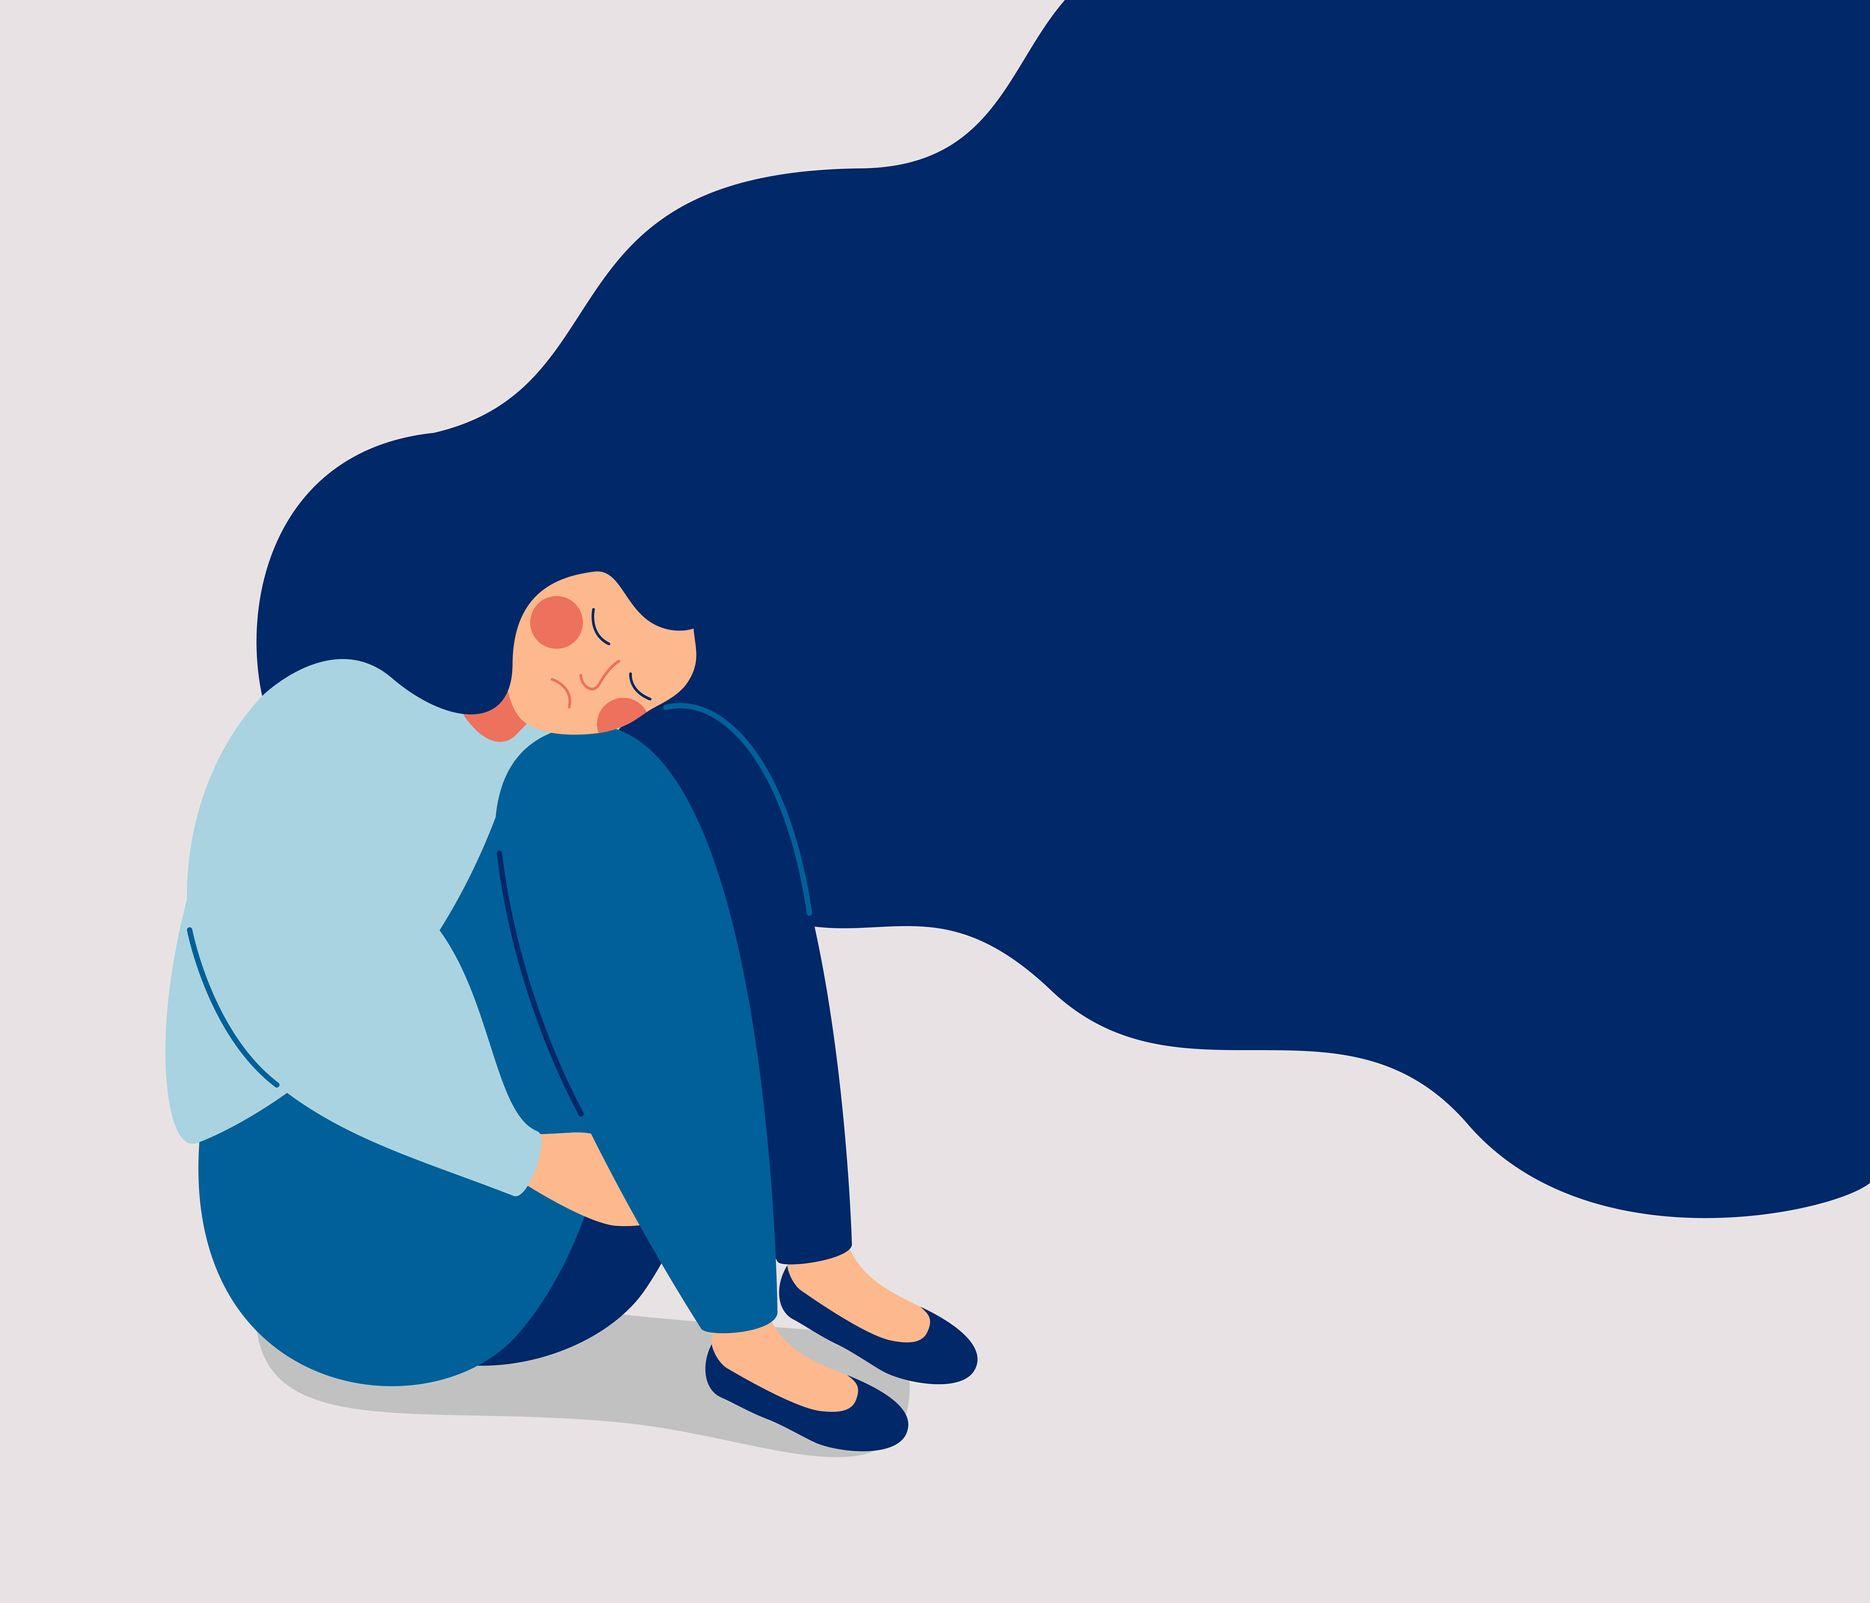 眠い 排卵 期